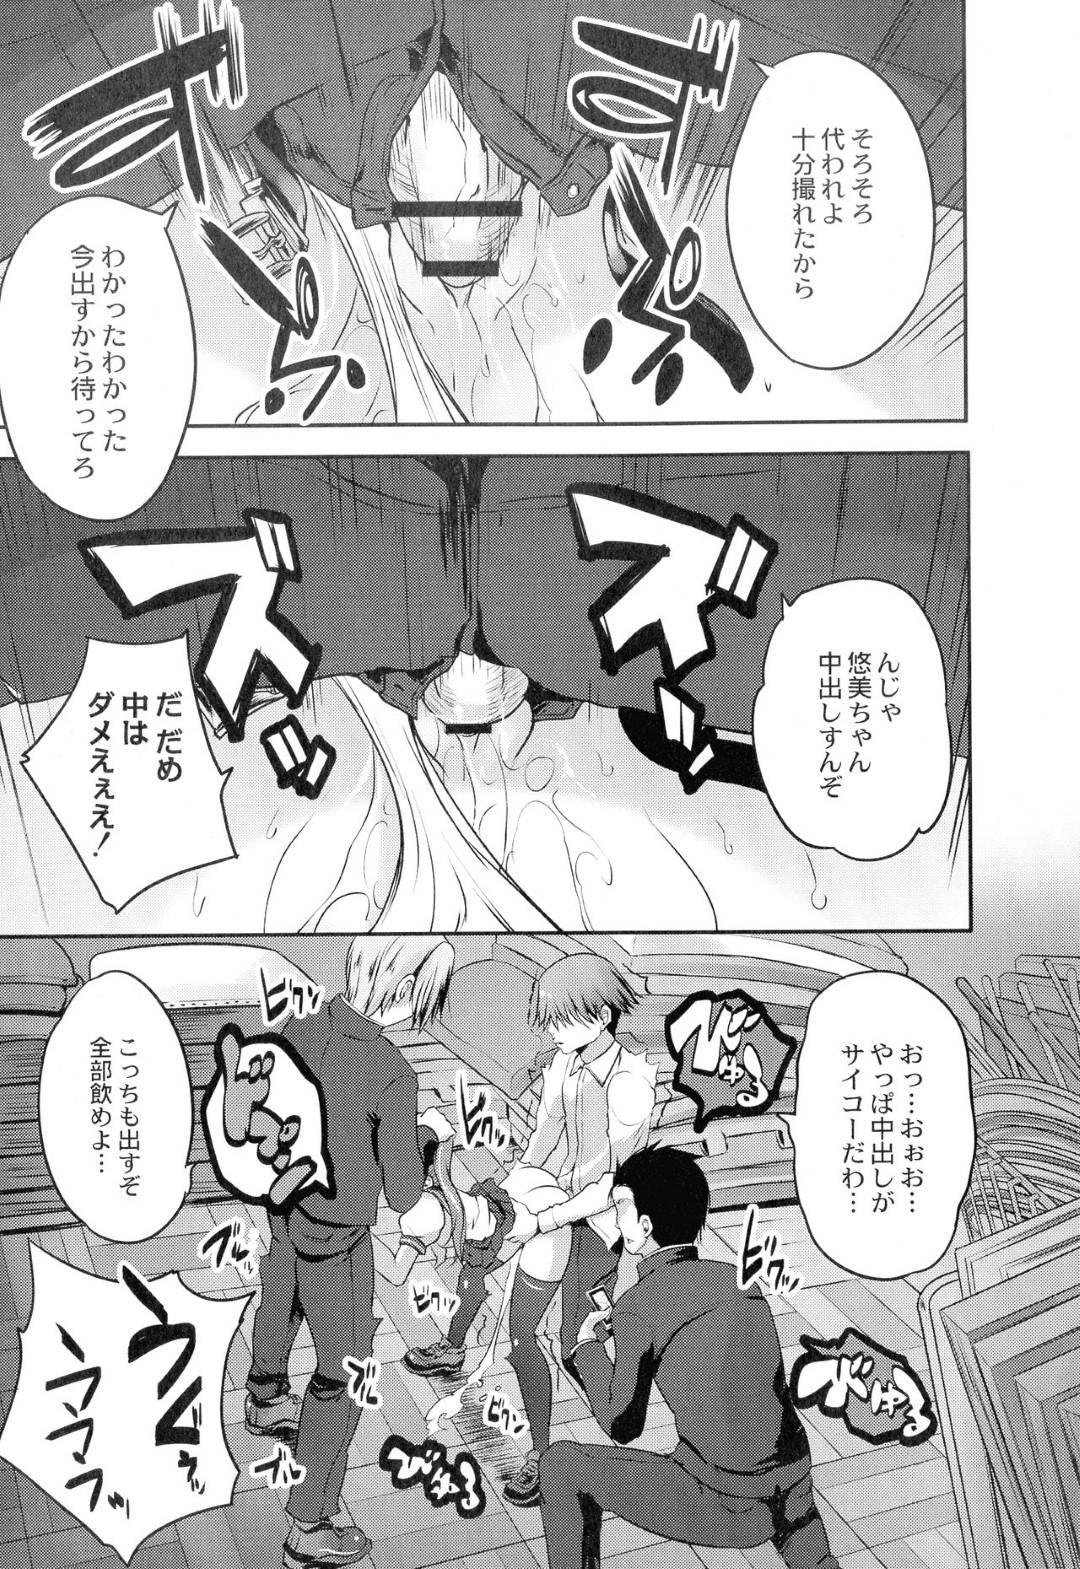 【エロ漫画】同じ学校の男子達に嵌められ輪姦されるJK…泣き叫びながらも巨根をぶち込まれ、2穴同時挿入で肉便器になりかけそうになるその時魔法が使える腕輪を拾い輪姦していた男達を再起不能に!魔法の力を使うため援助交際でおじさんと自らセックス!【MAKI】